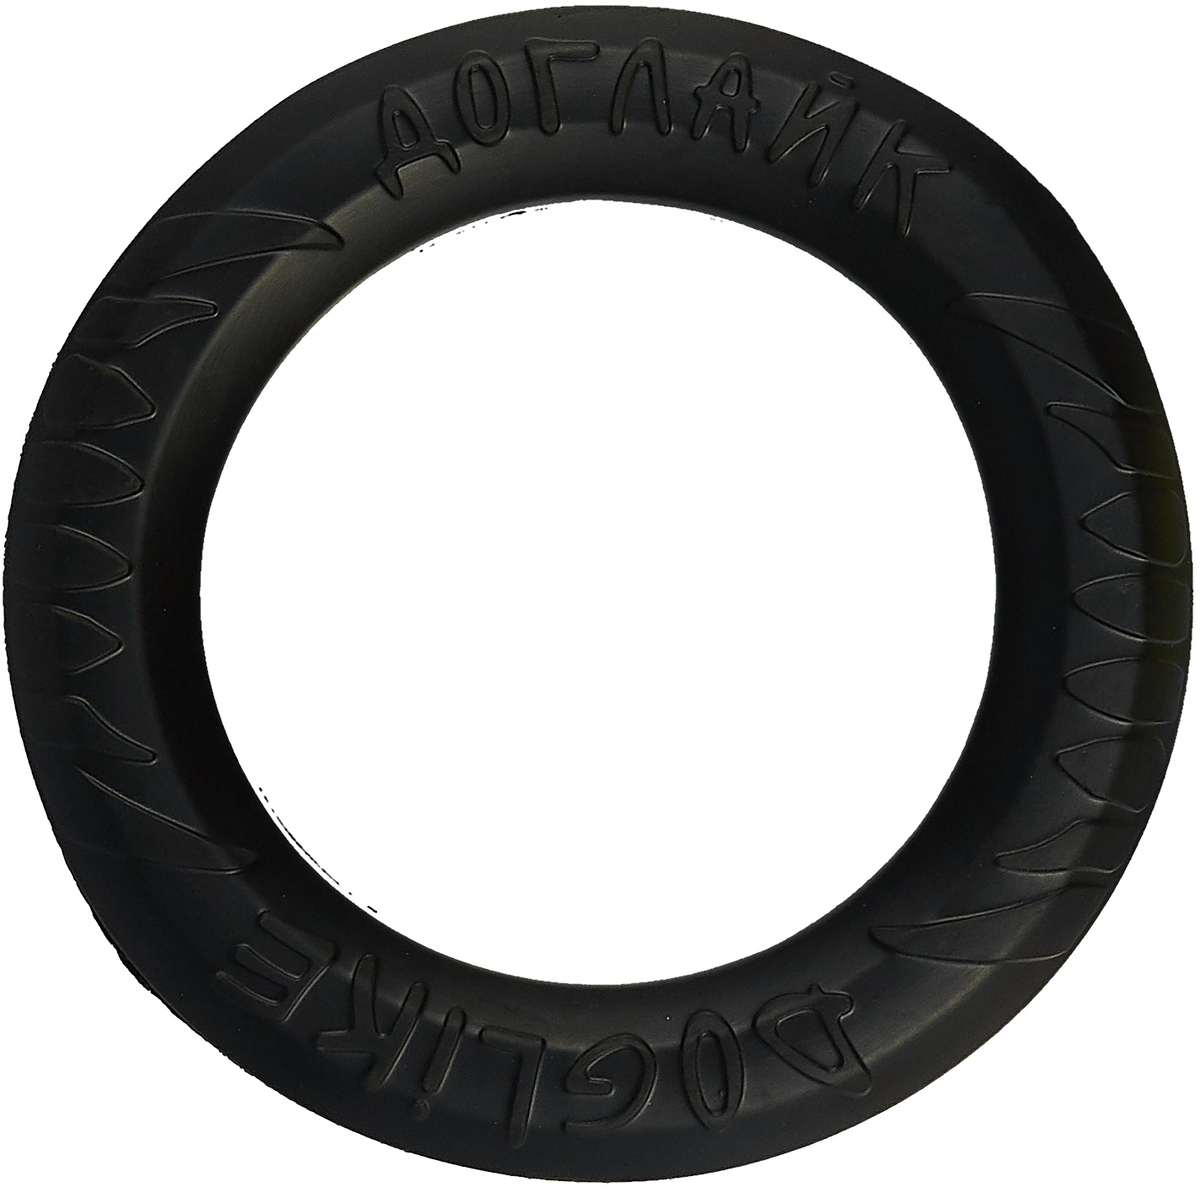 """Снаряд Каскад """"Tug & Twist DL"""", для дрессировки собак, средний, цвет: черный"""